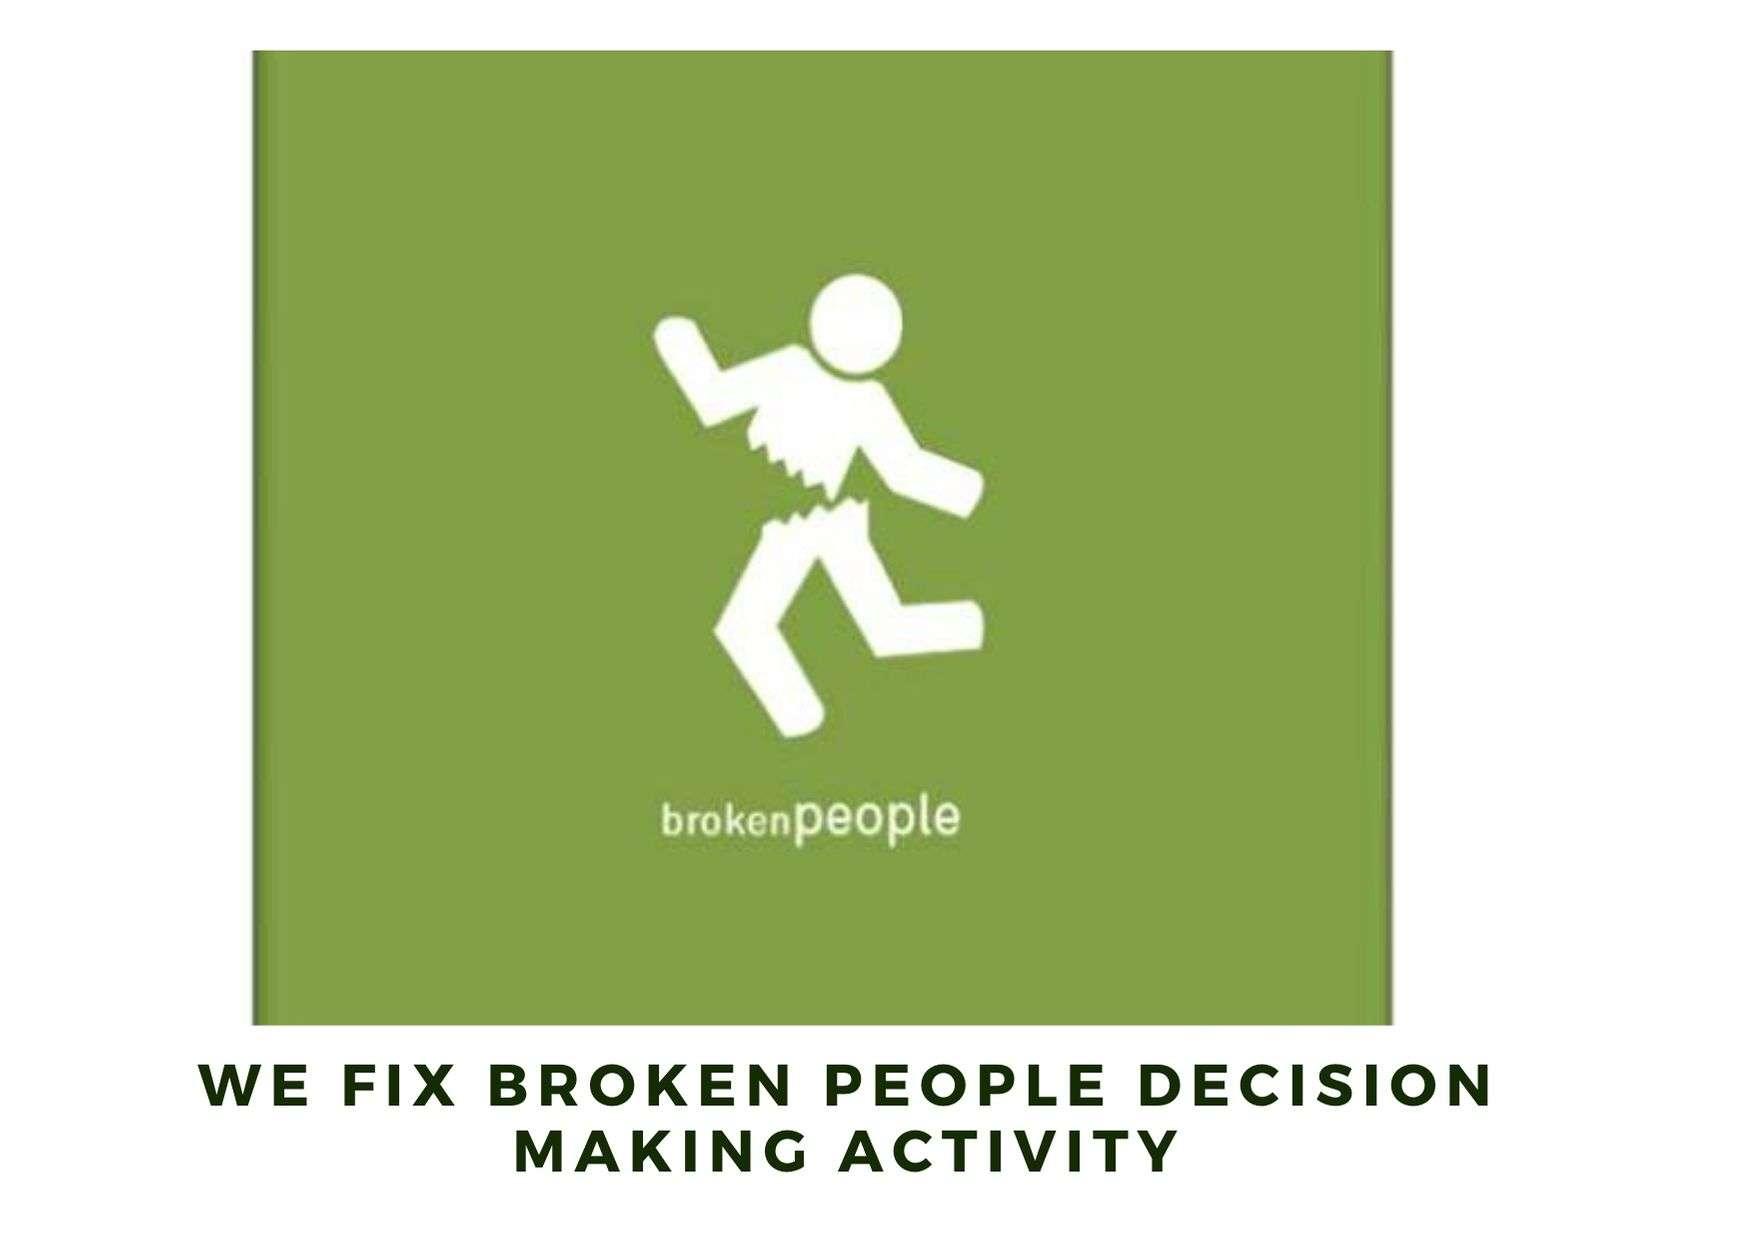 We fix broken people decision making activity